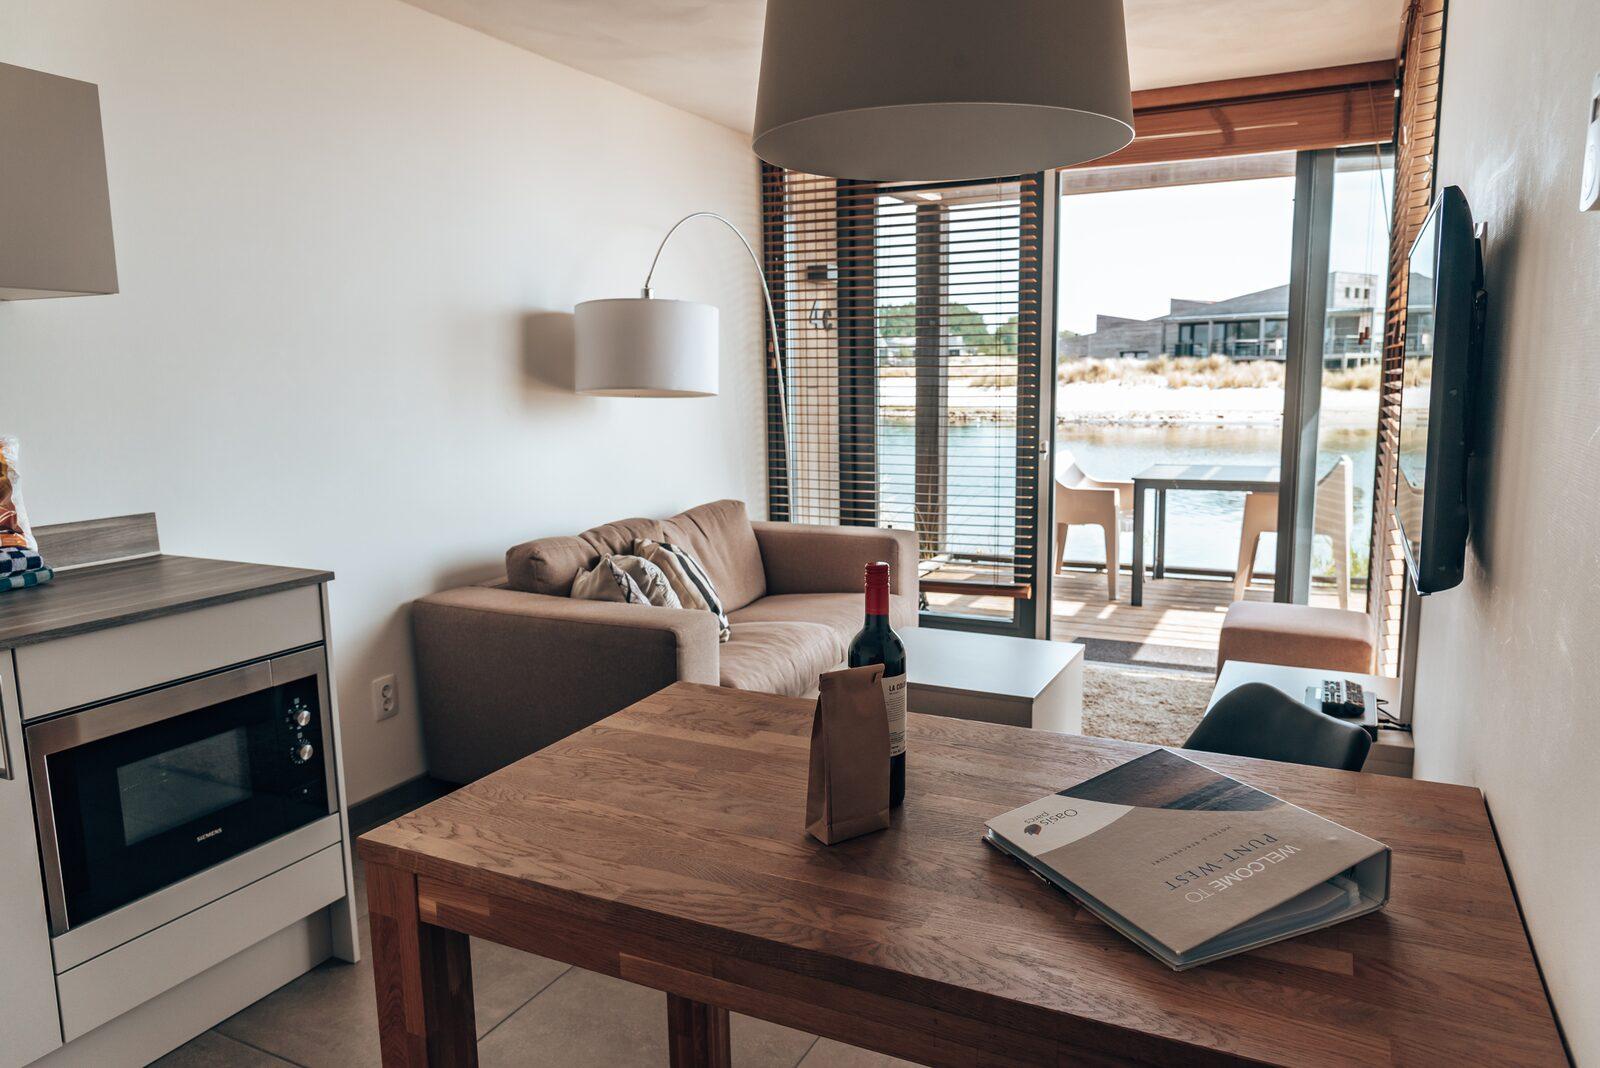 Hotelstudio Familien | 4 Pers.